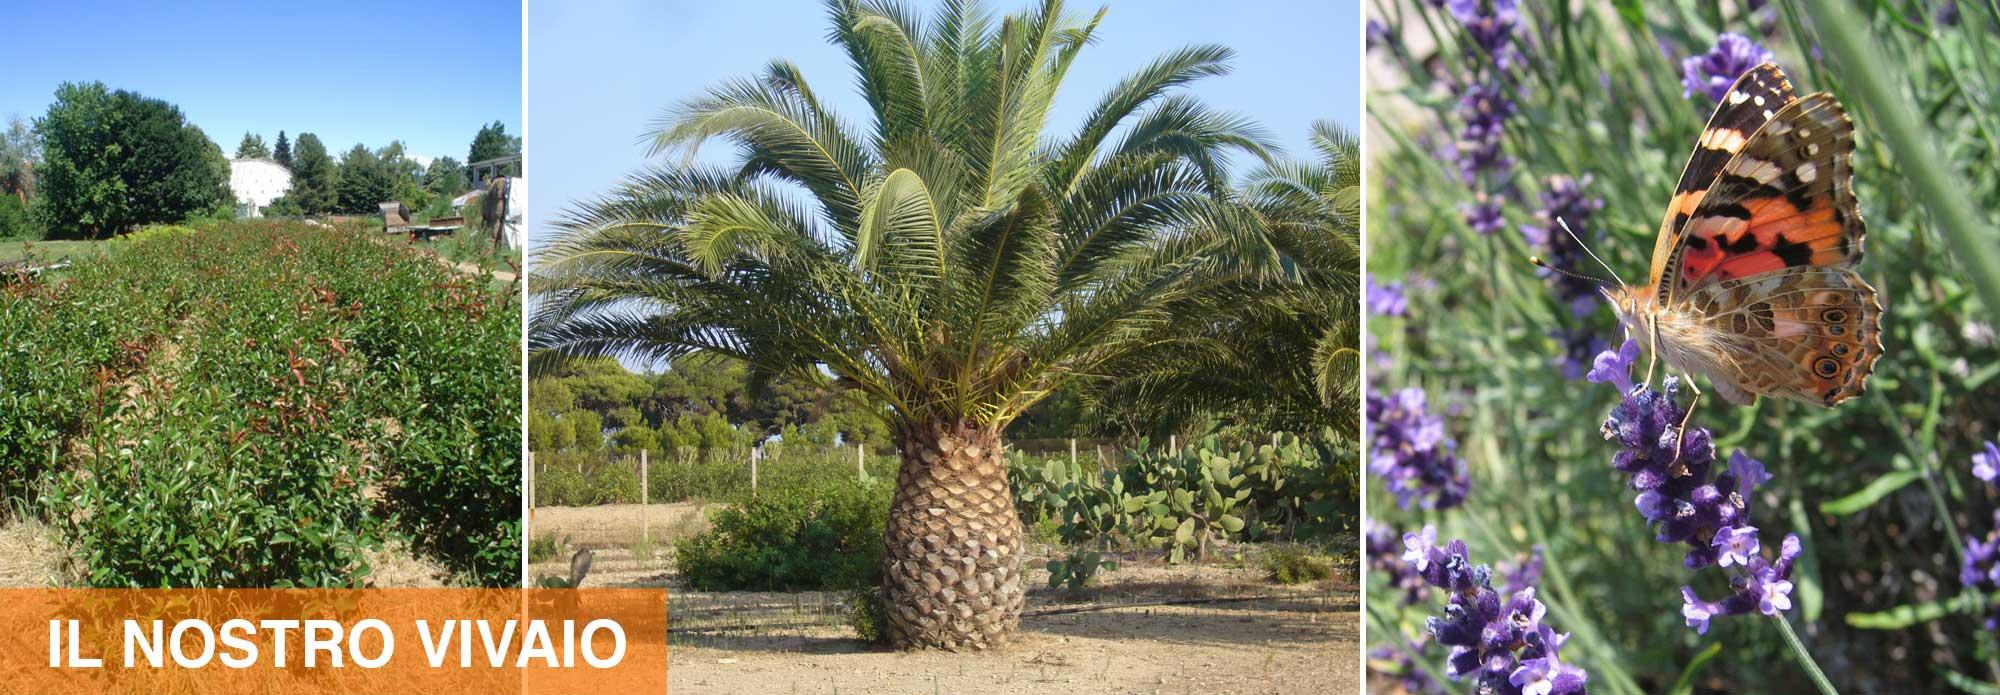 Vendita di piante arbusti fiori stagionali e legna da for Vendita piante e fiori da giardino